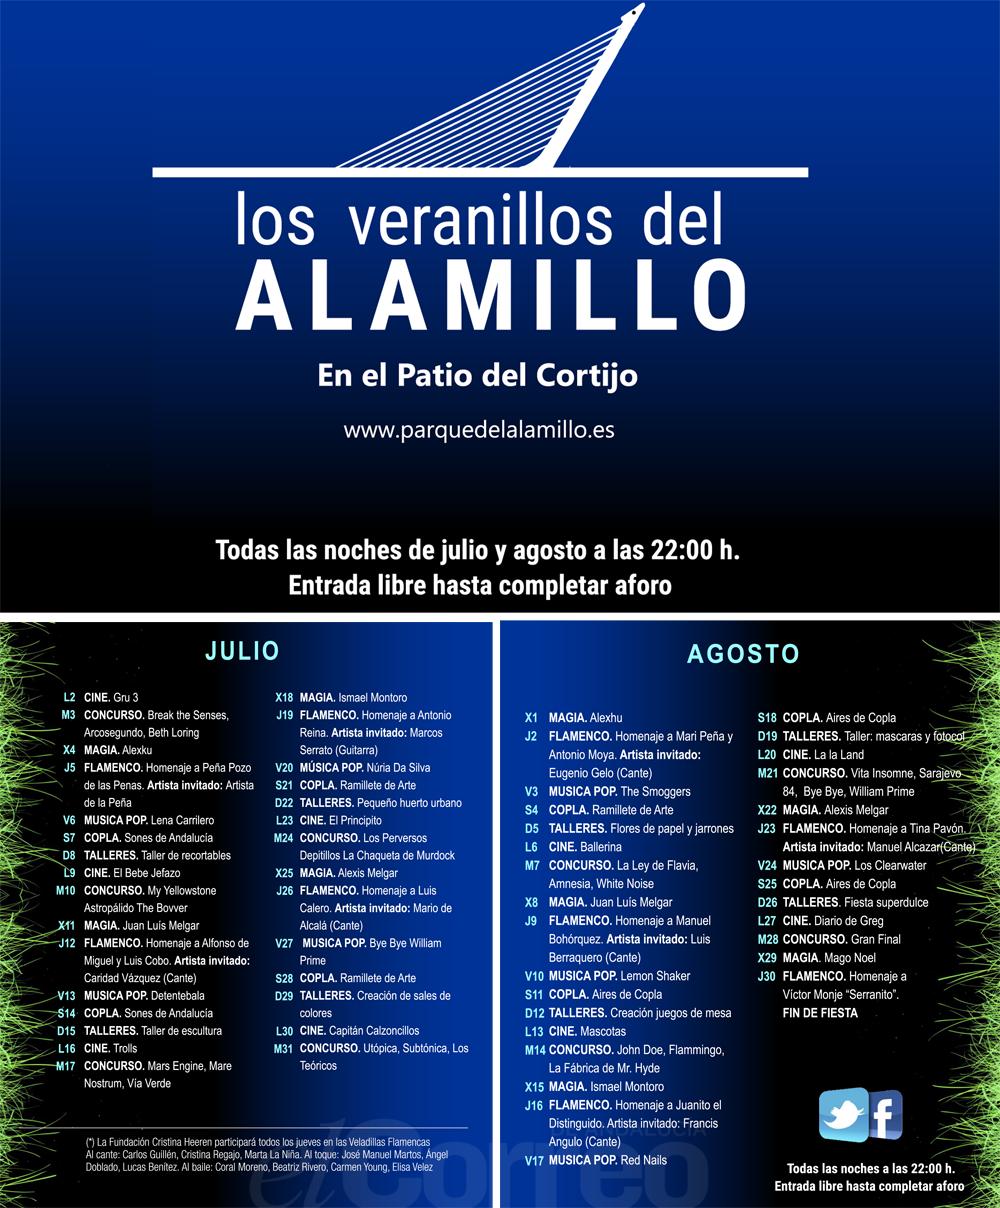 Veranillo del Alamillo